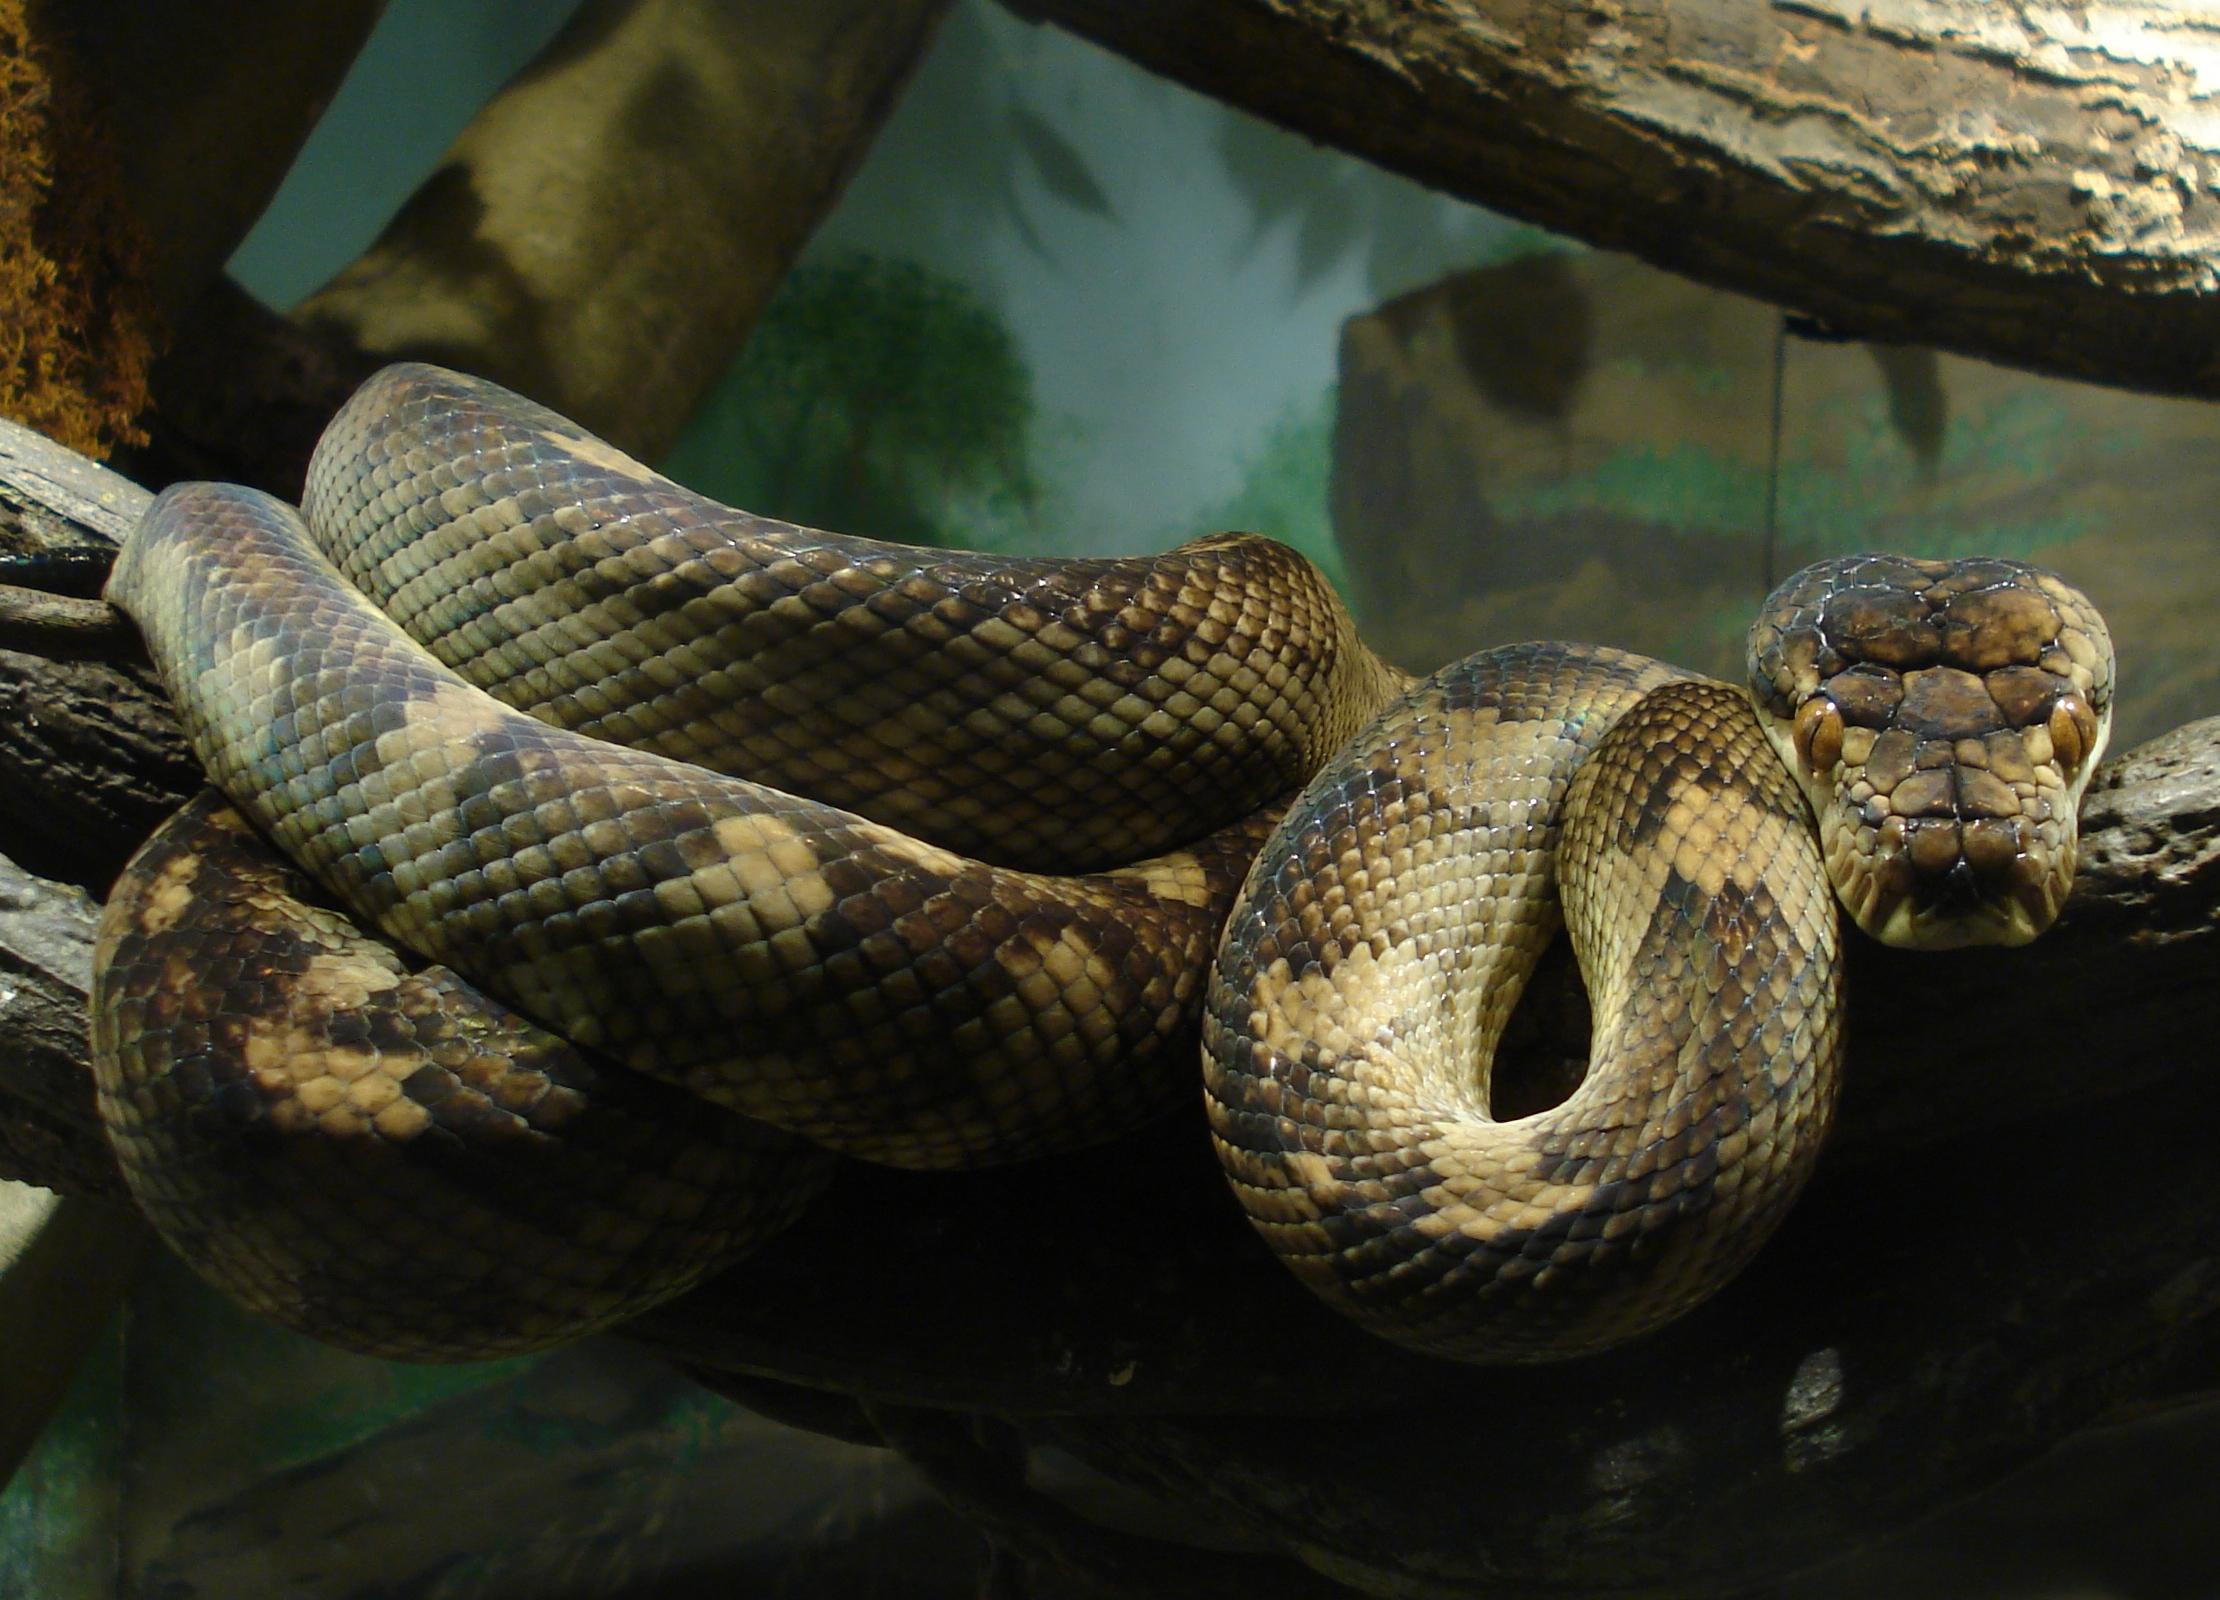 Amethystine Python Snake